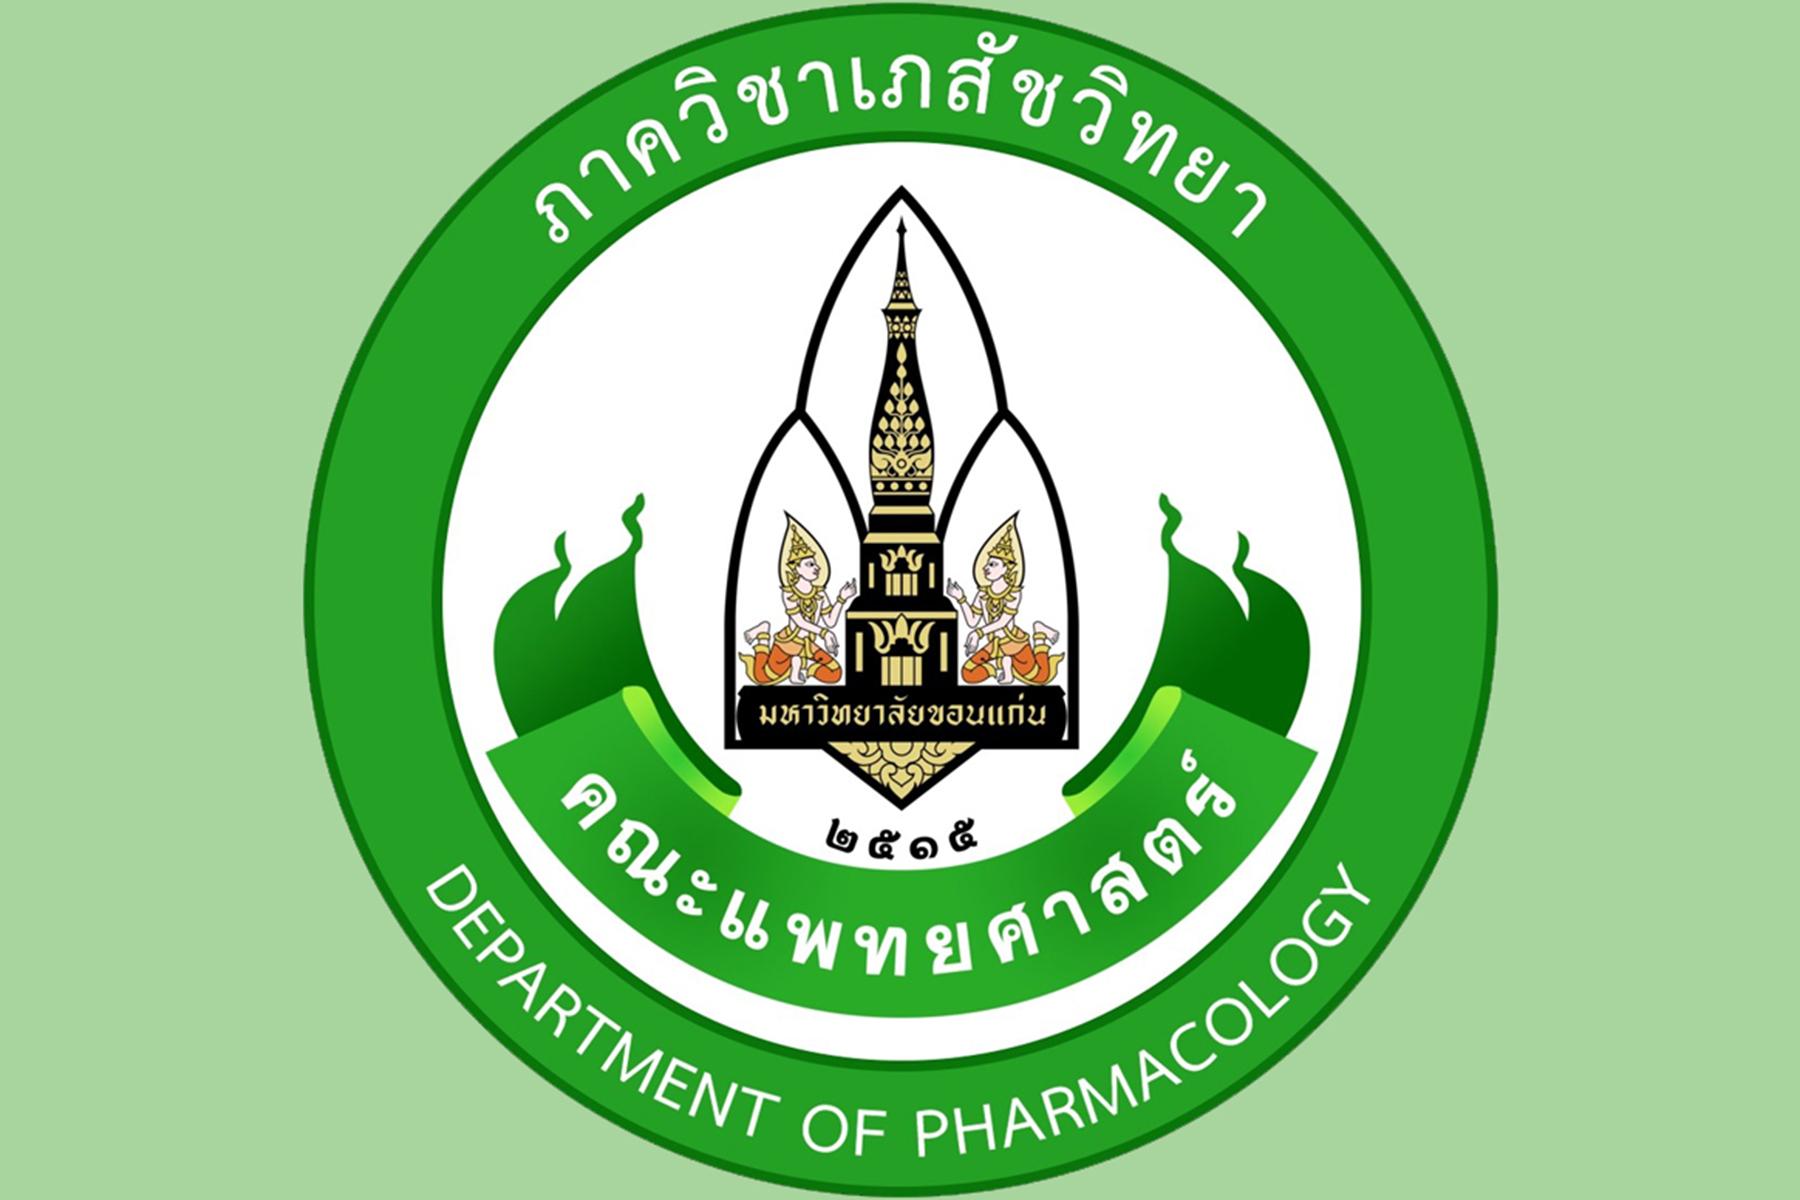 งานประชุมวิชาการประจำปีสมาคมเภสัชวิทยาแห่งประเทศไทย ครั้งที่ 42